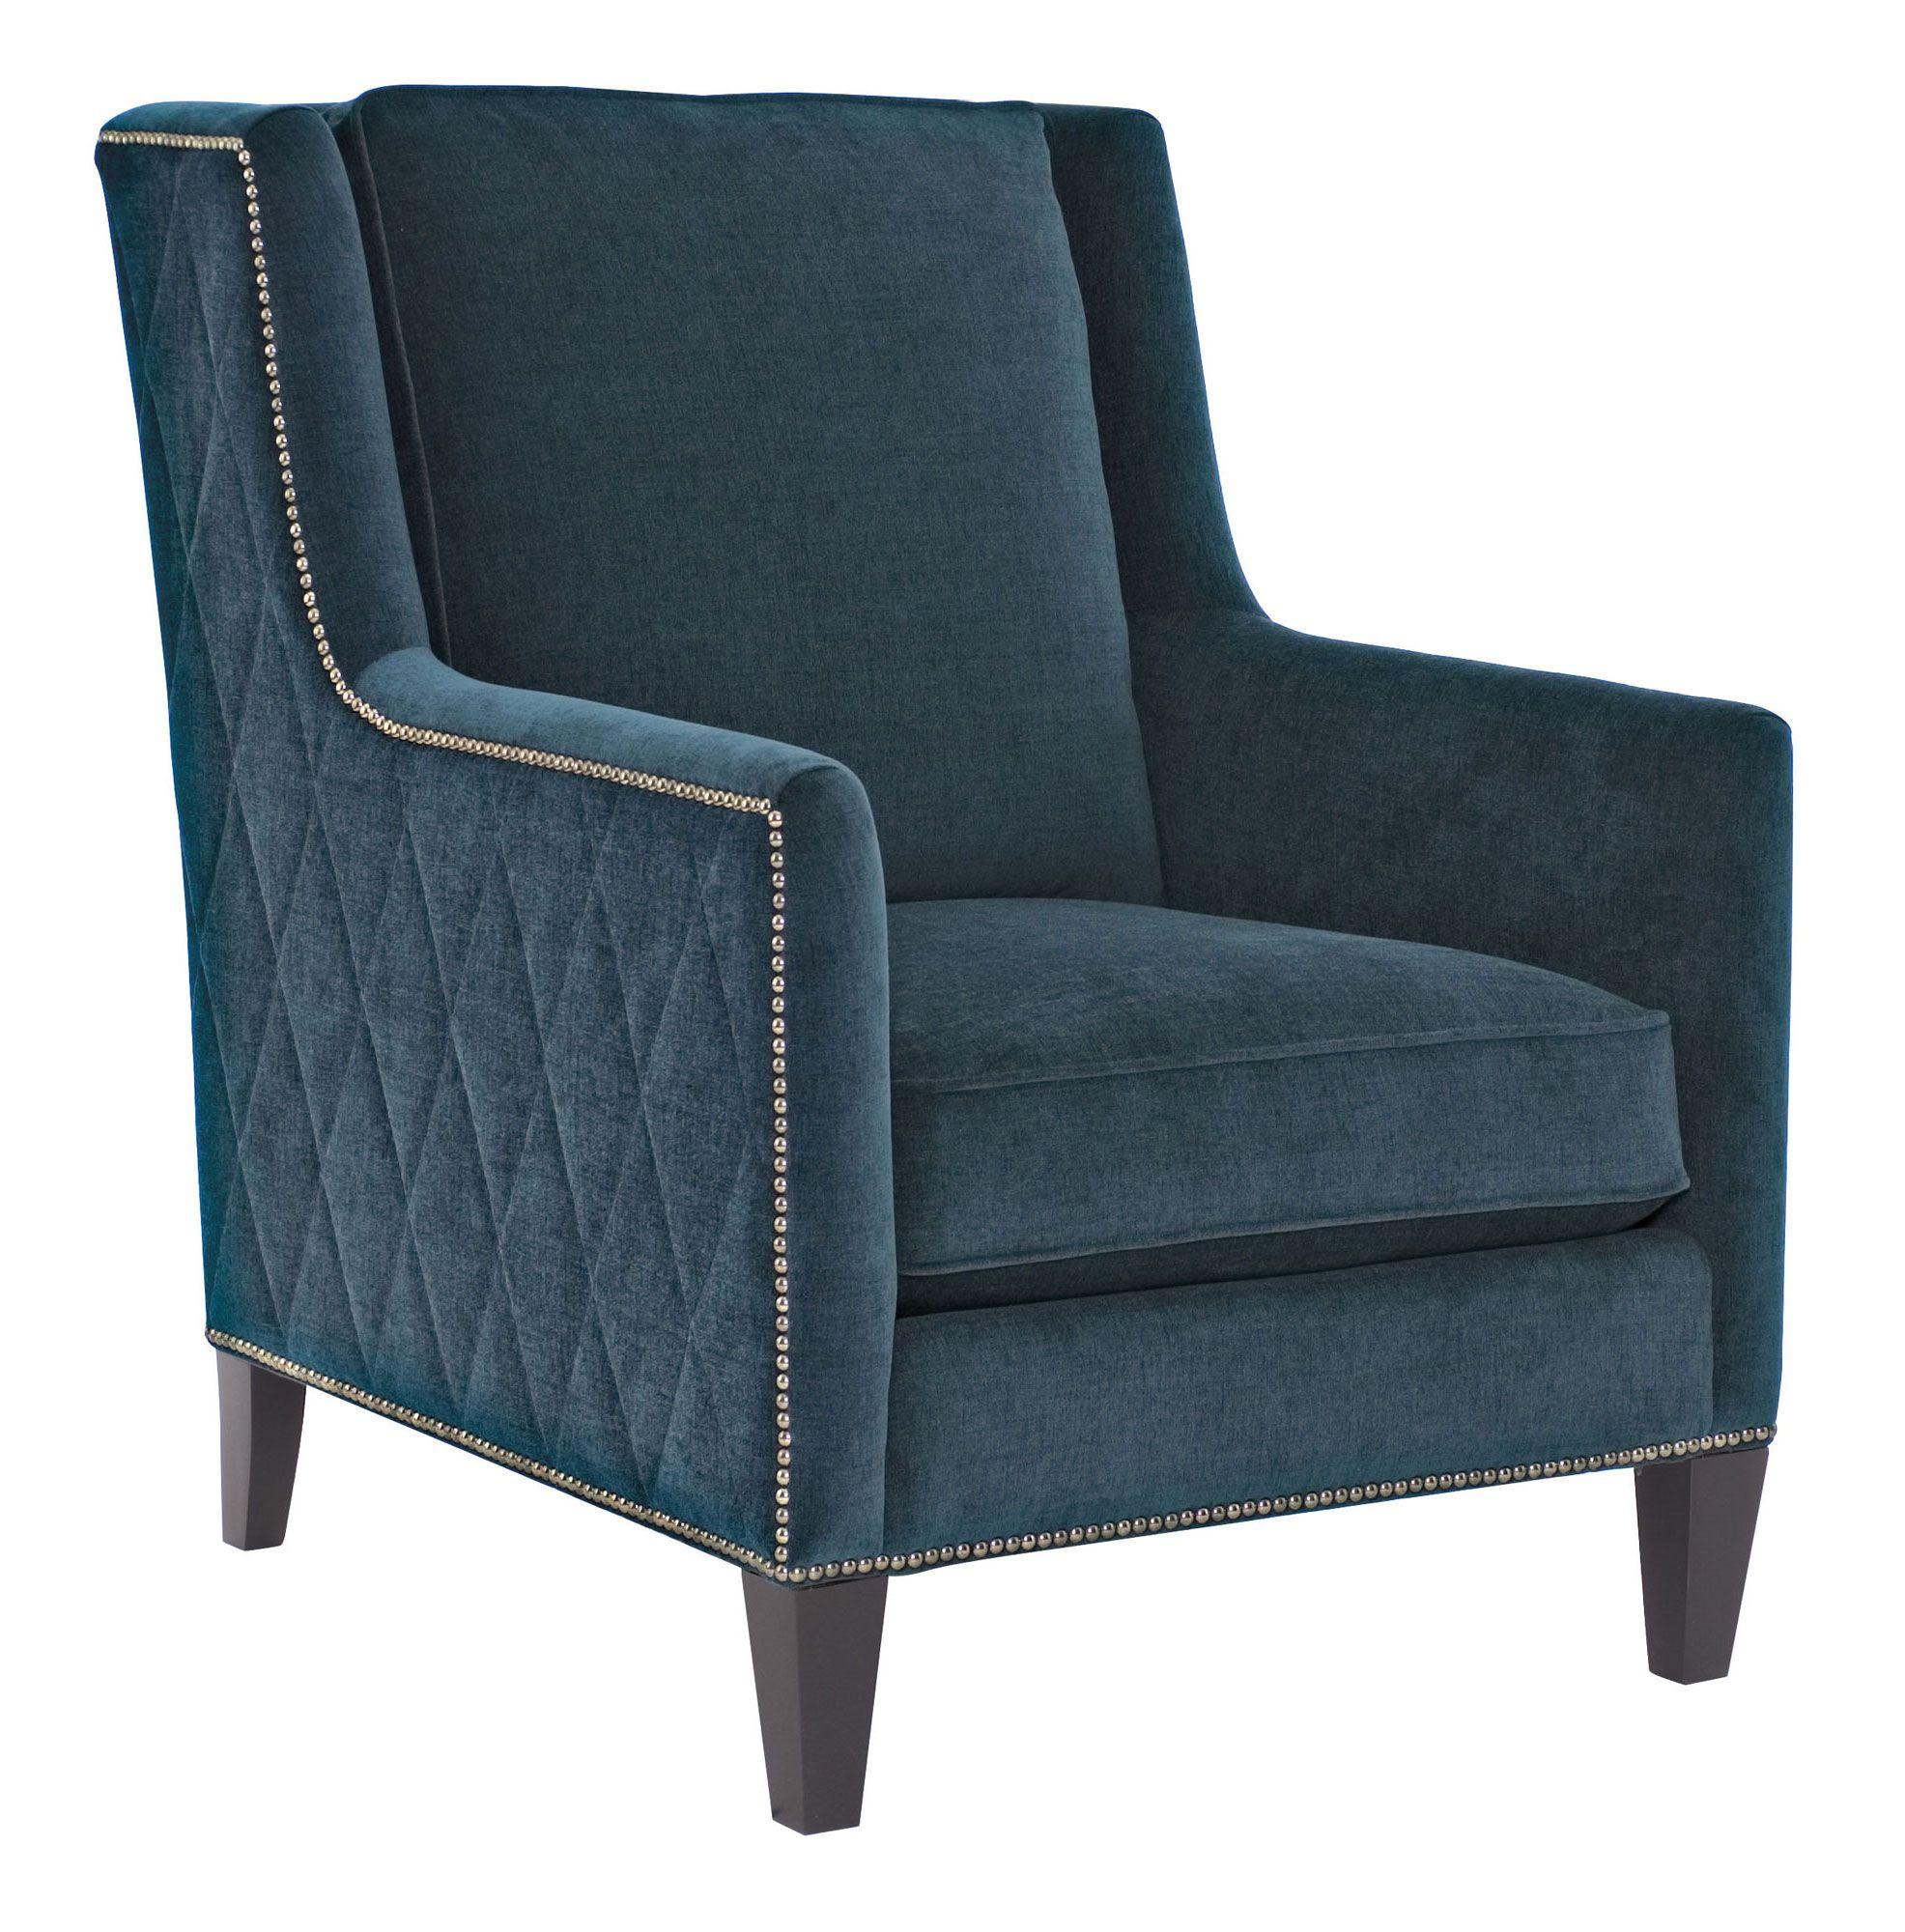 Chair Bernhardt Bernhardt Furniture Chair Upholstery Armchair